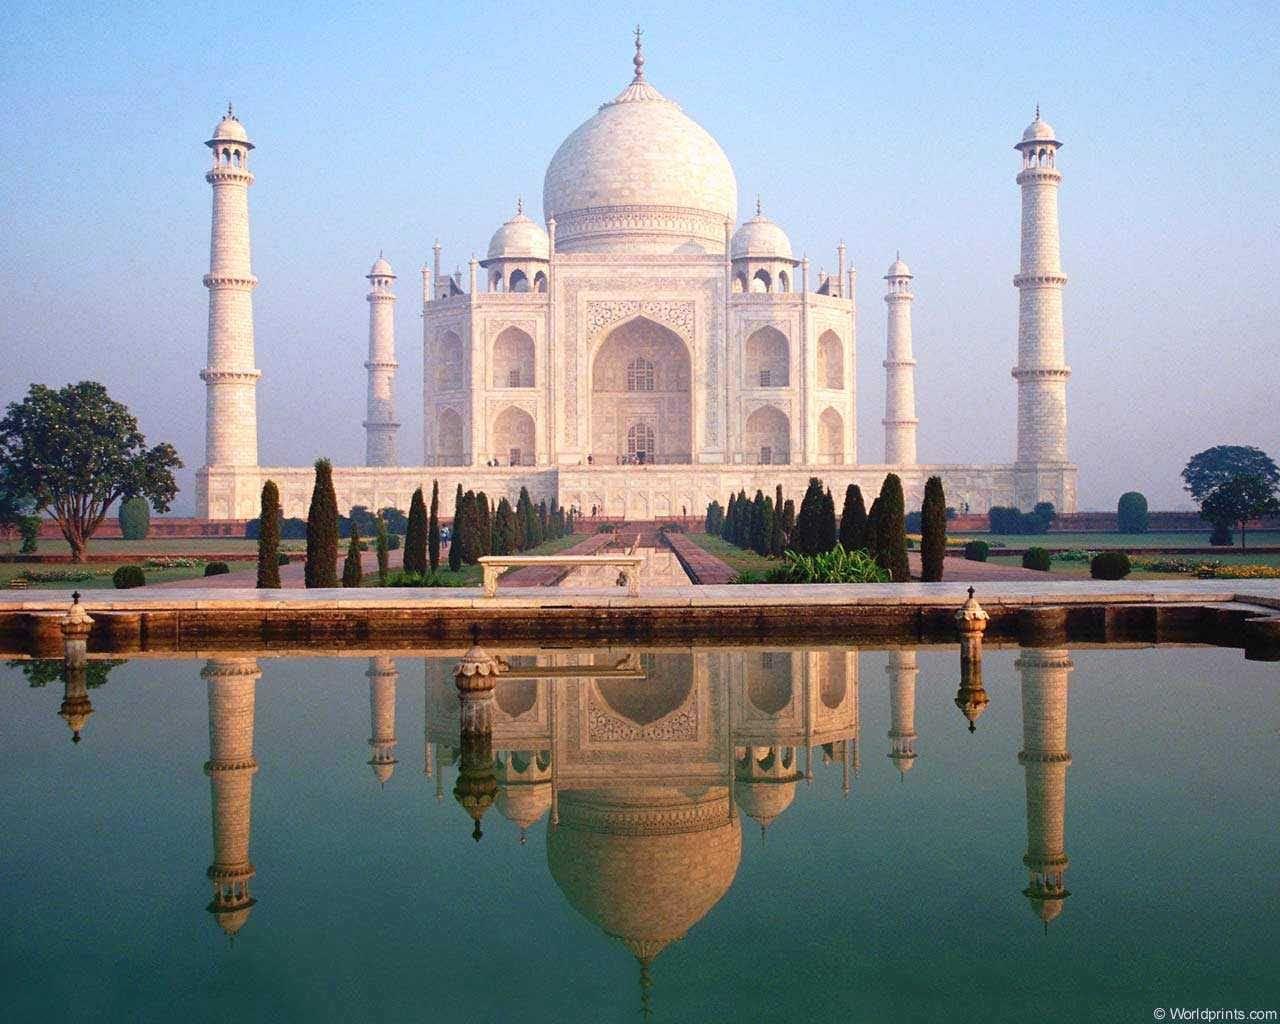 El monumento al amor más conocido del mundo. Un lugar realmente especial